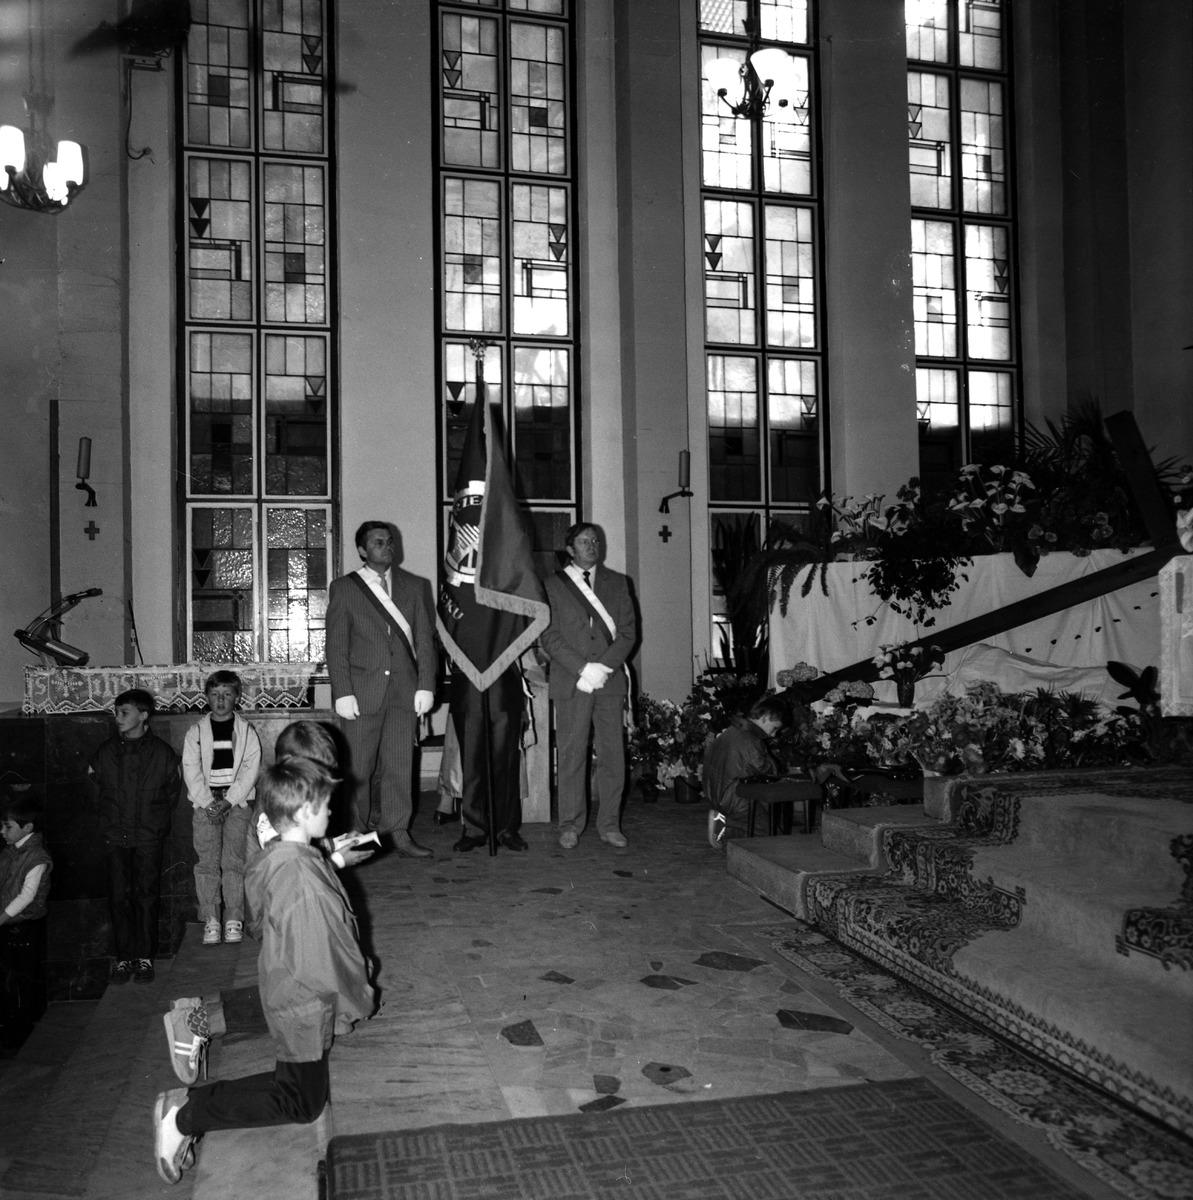 Poświęcenie sztandaru Cechu Rzemiosł Różnych, 1990 r. [1]